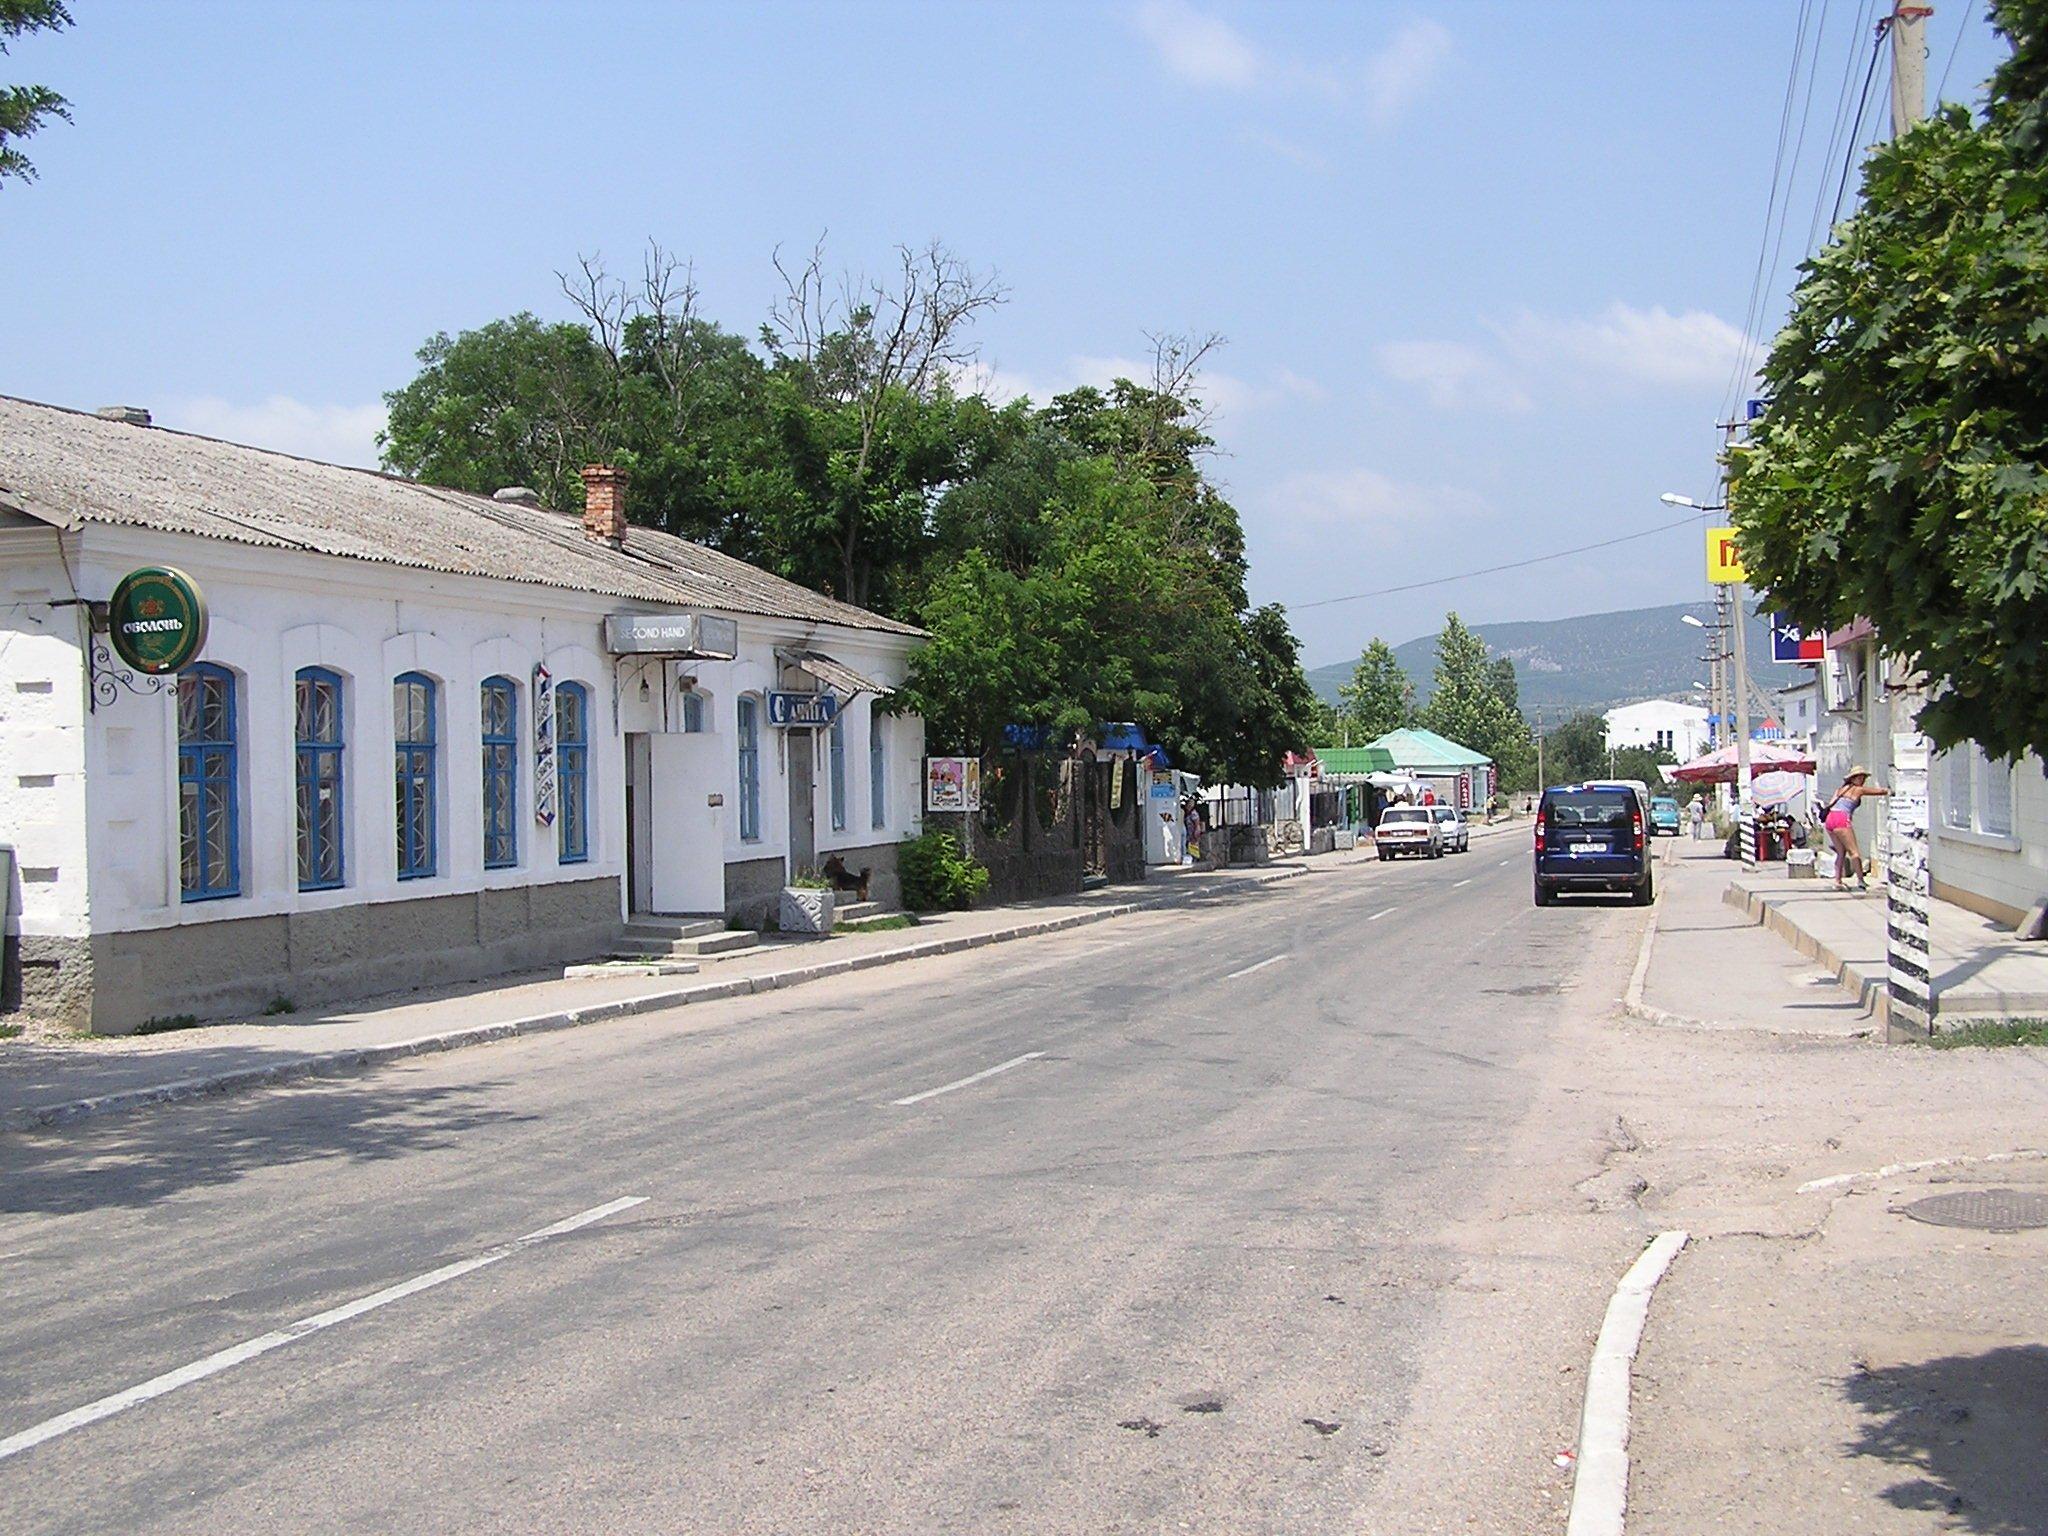 Село Орлиное в Севастополе: как добраться, где остановиться и что посмотреть